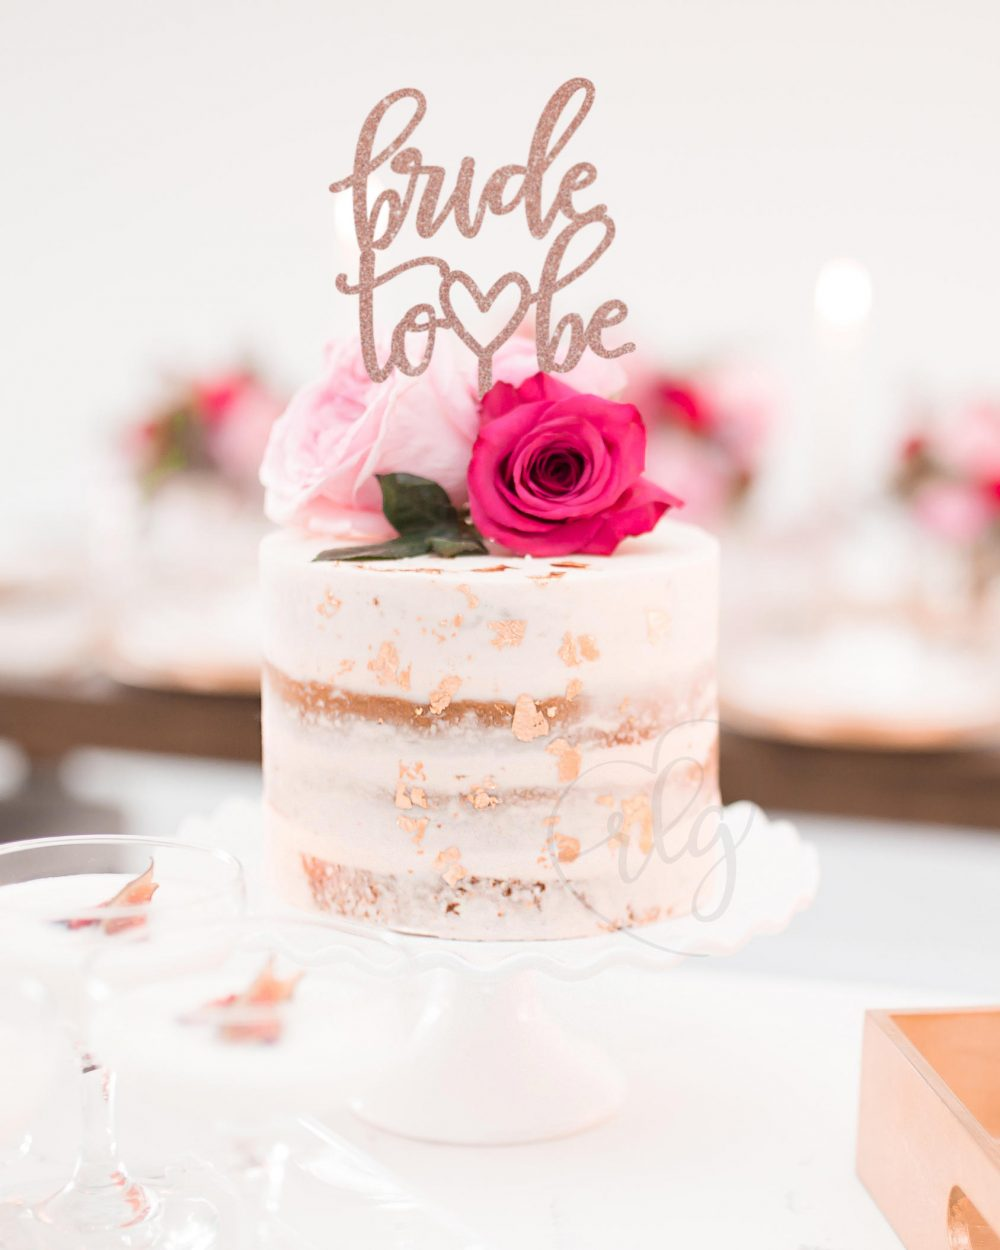 Bride To Be Cake Topper, Bridal Shower Custom Bachelorette Engagement Topper